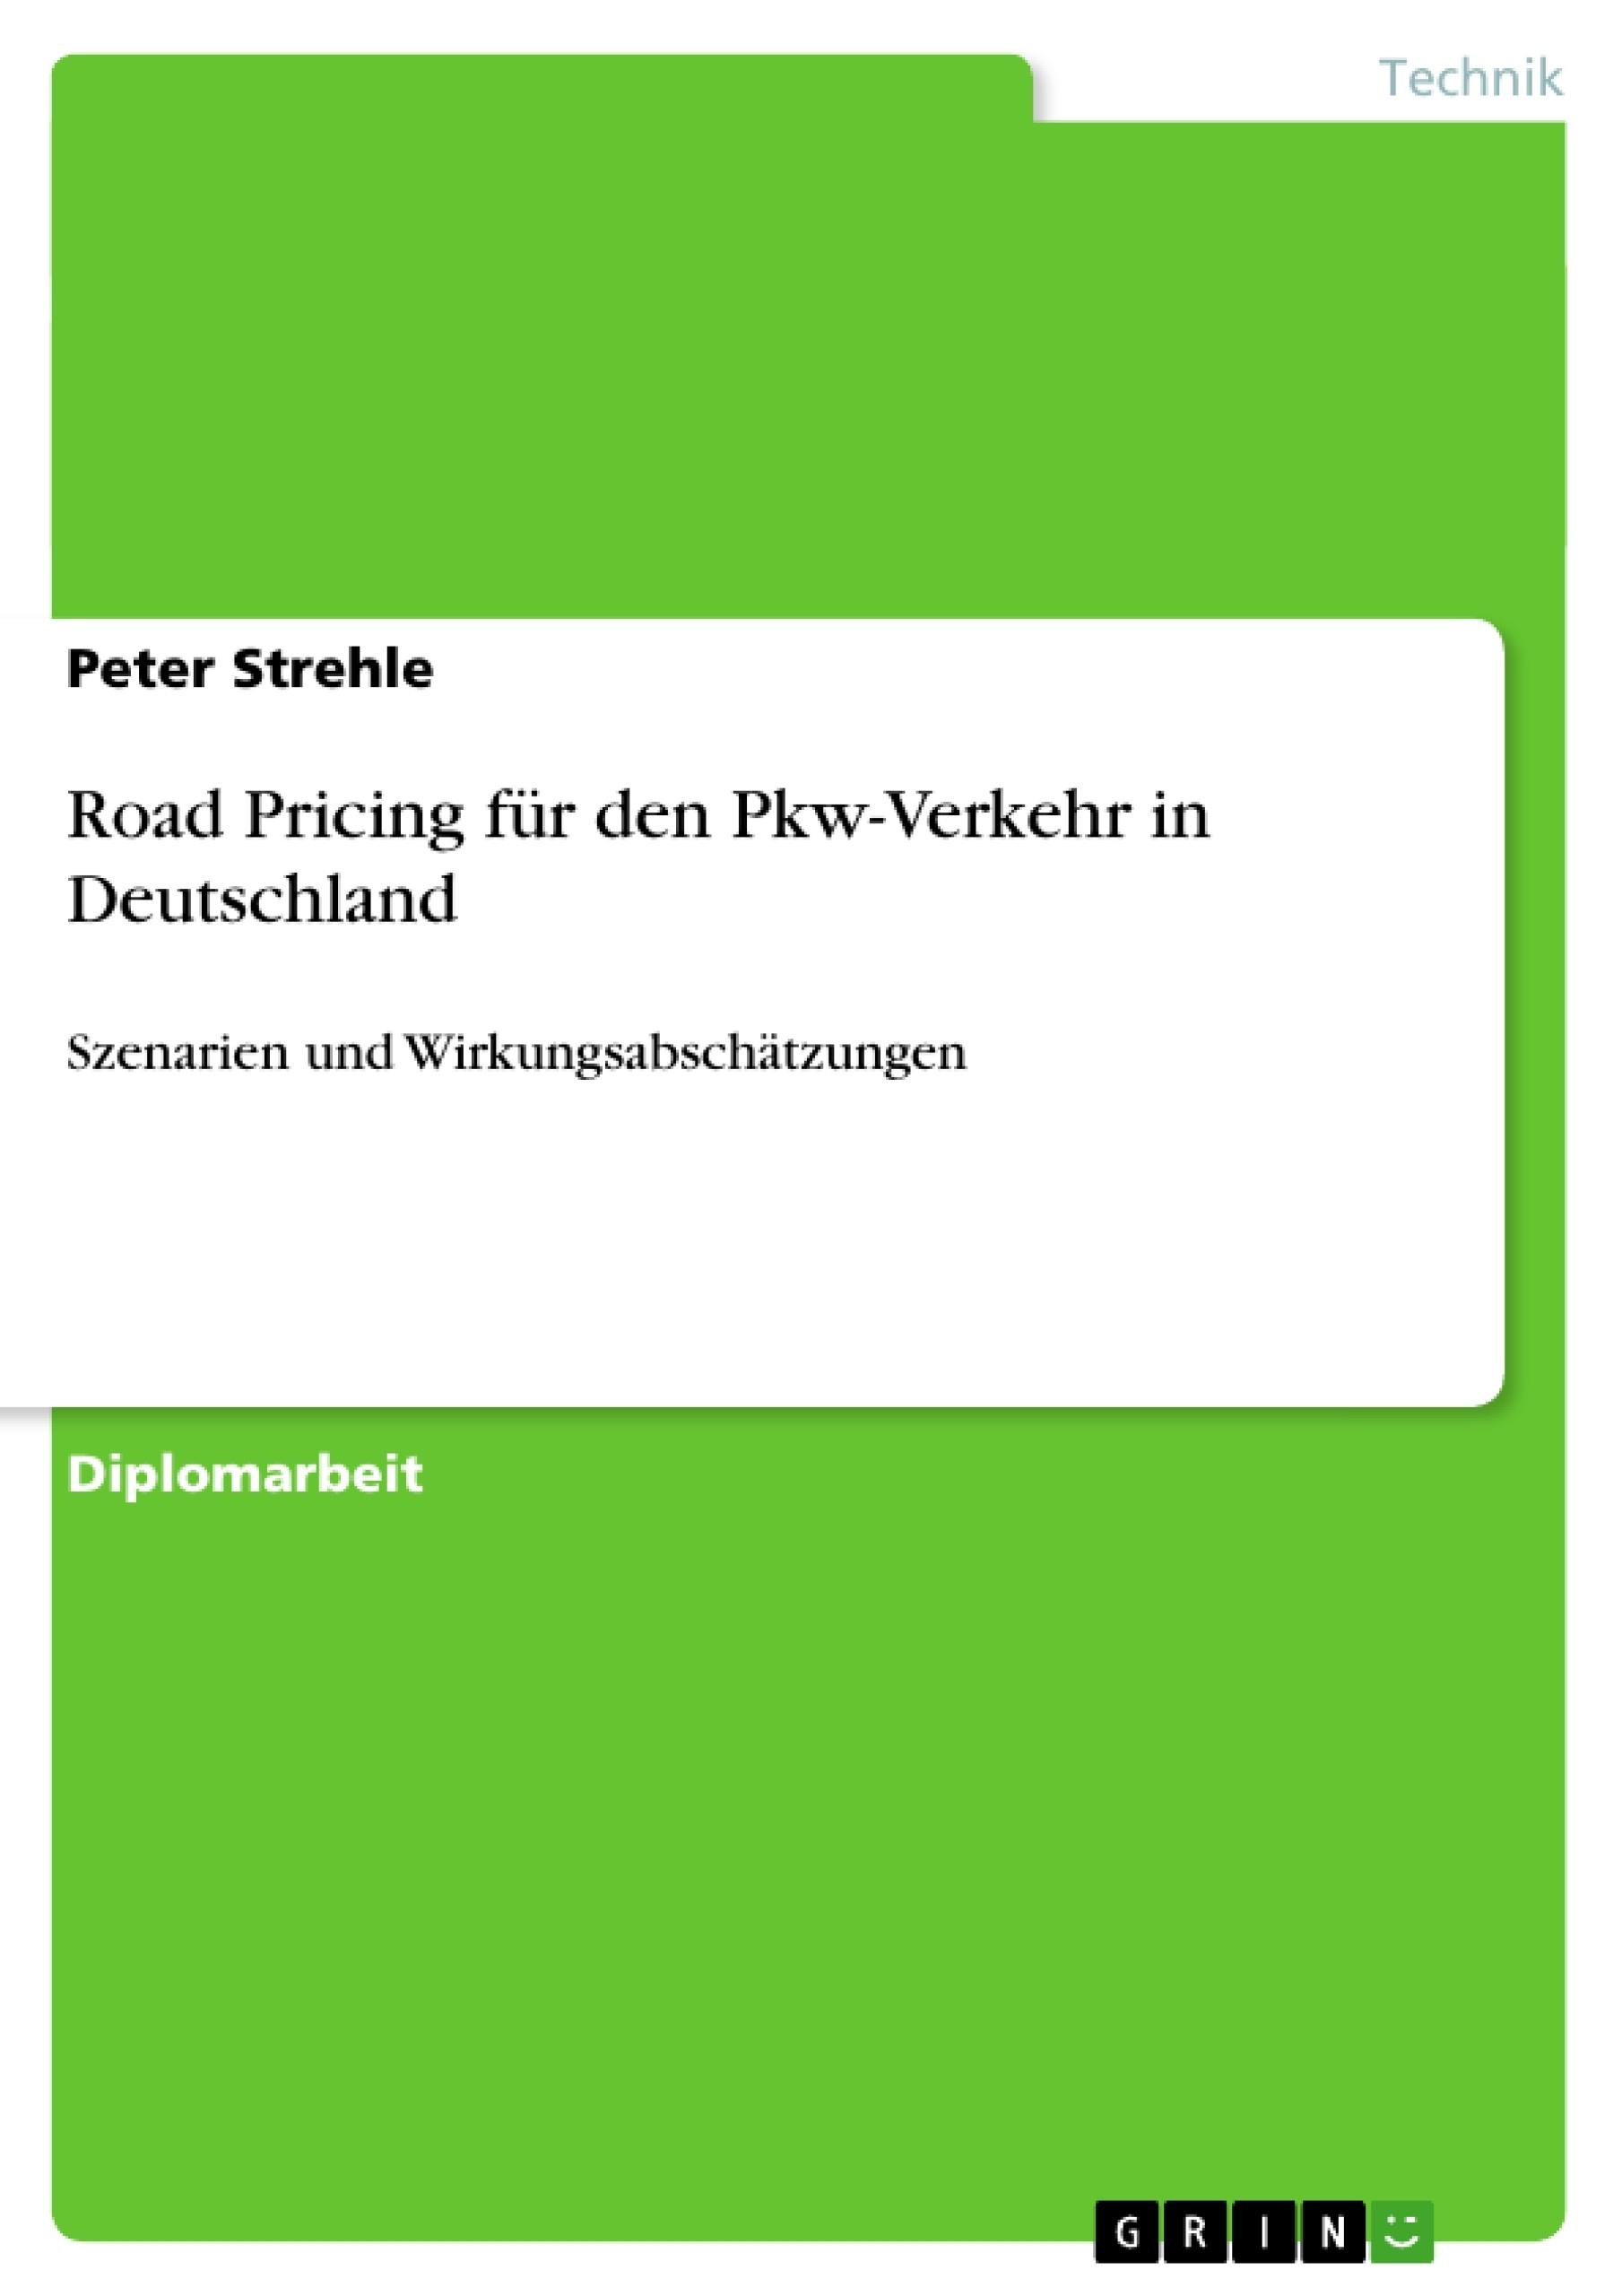 Titel: Road Pricing für den Pkw-Verkehr in Deutschland